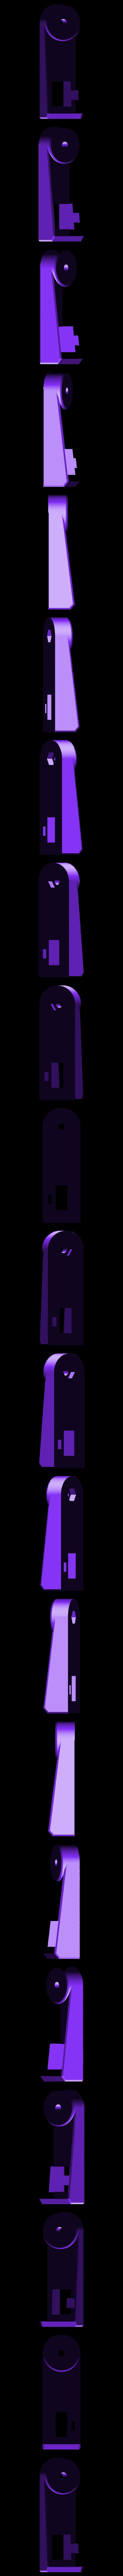 base_4C_clamp.stl Télécharger fichier STL gratuit Les outils sont l'homme • Modèle pour imprimante 3D, Job